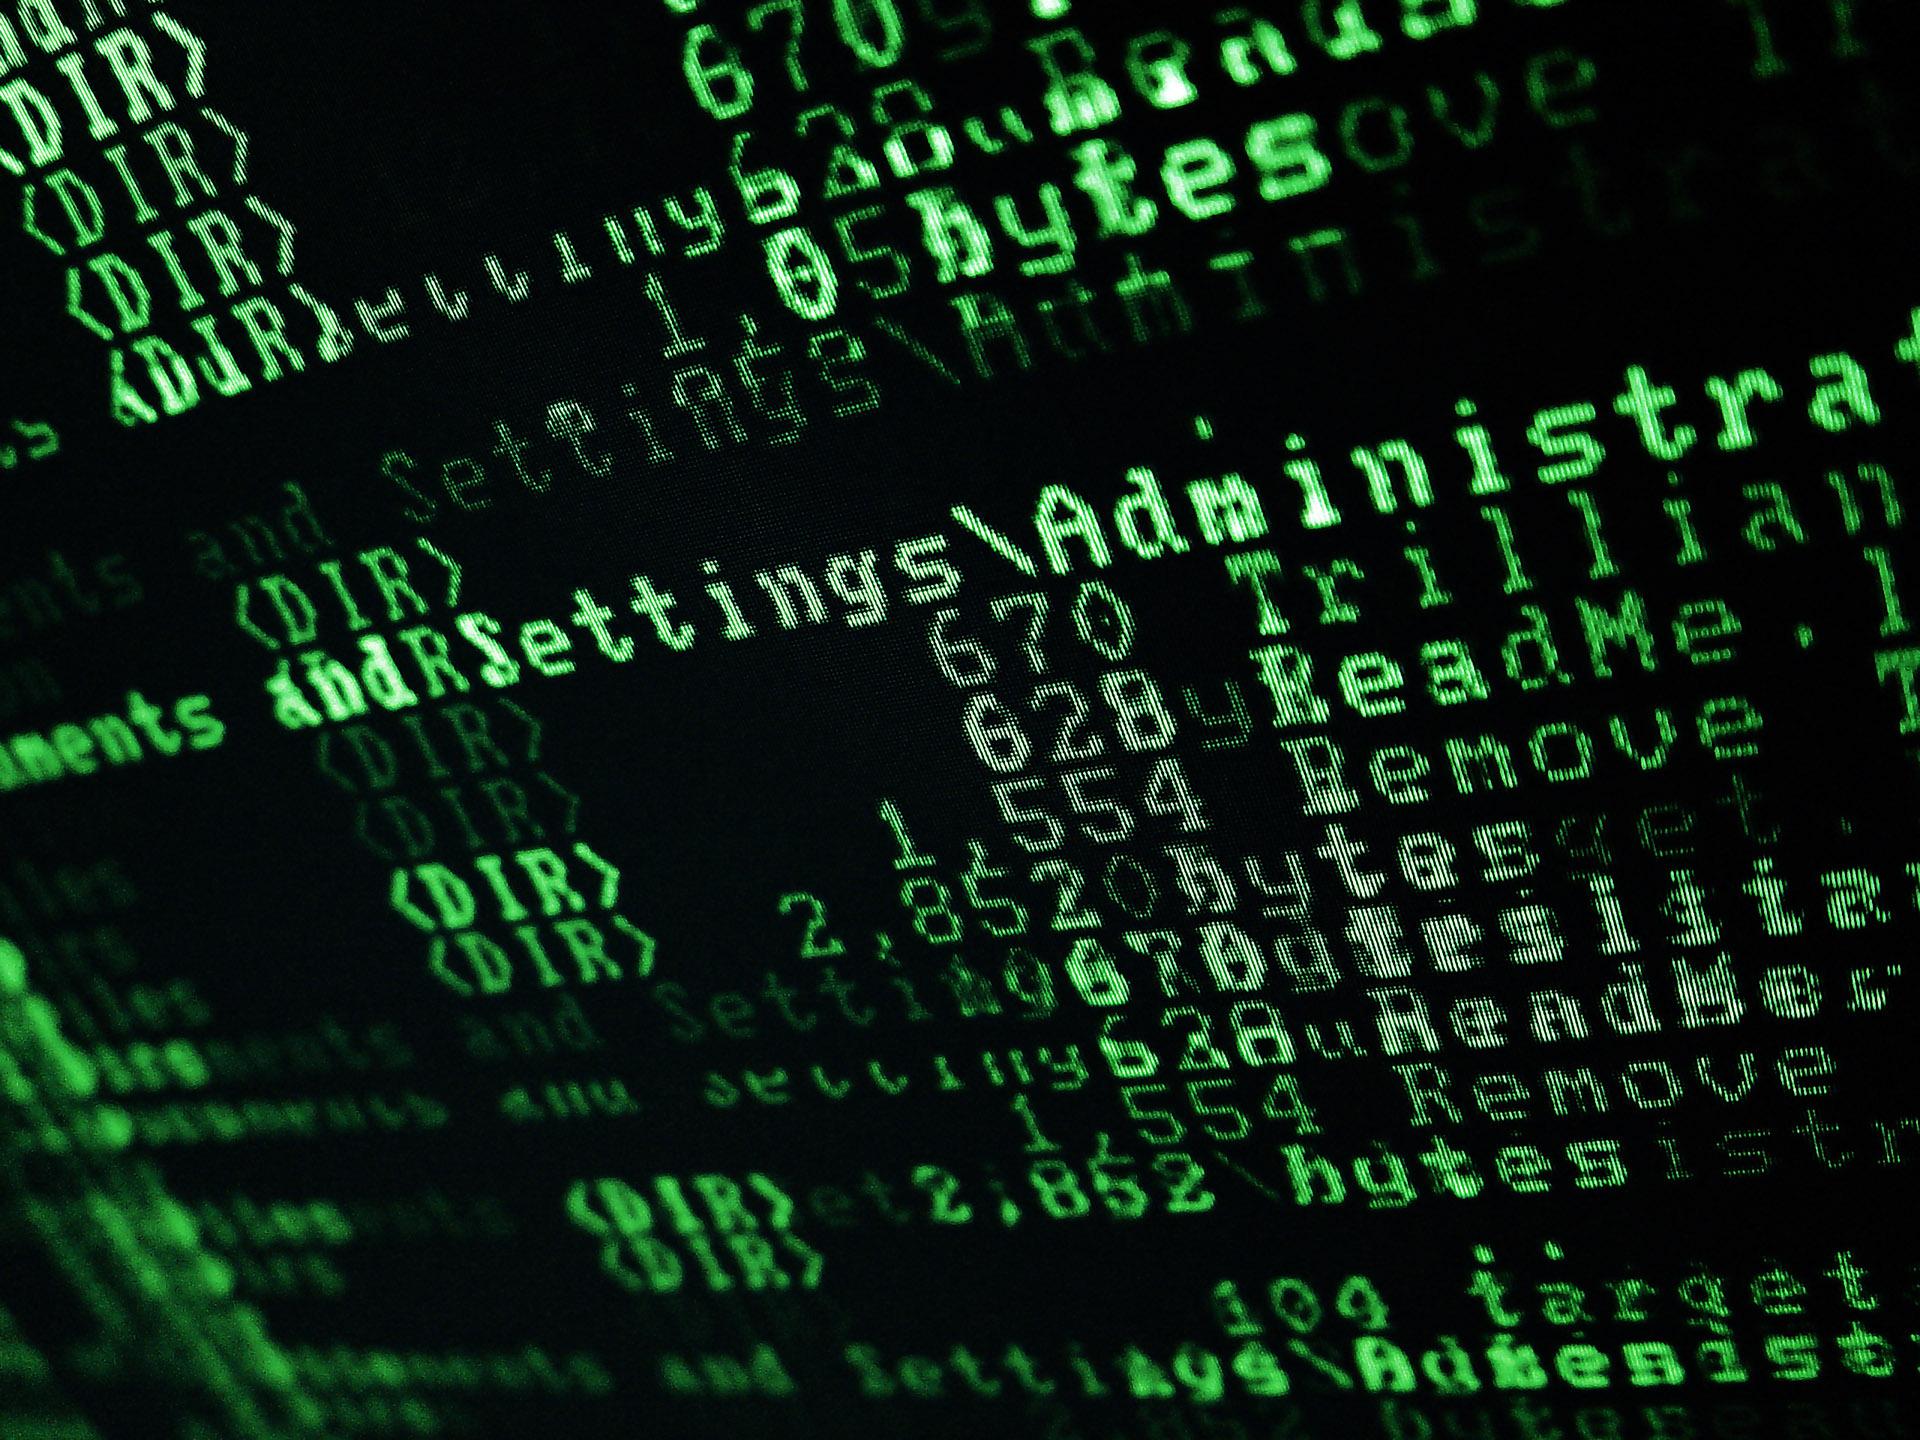 USA kontra Iran, czyli cyberwojna bez ofiar. Hacking opłaca się bardziej niż zabijanie ludzi